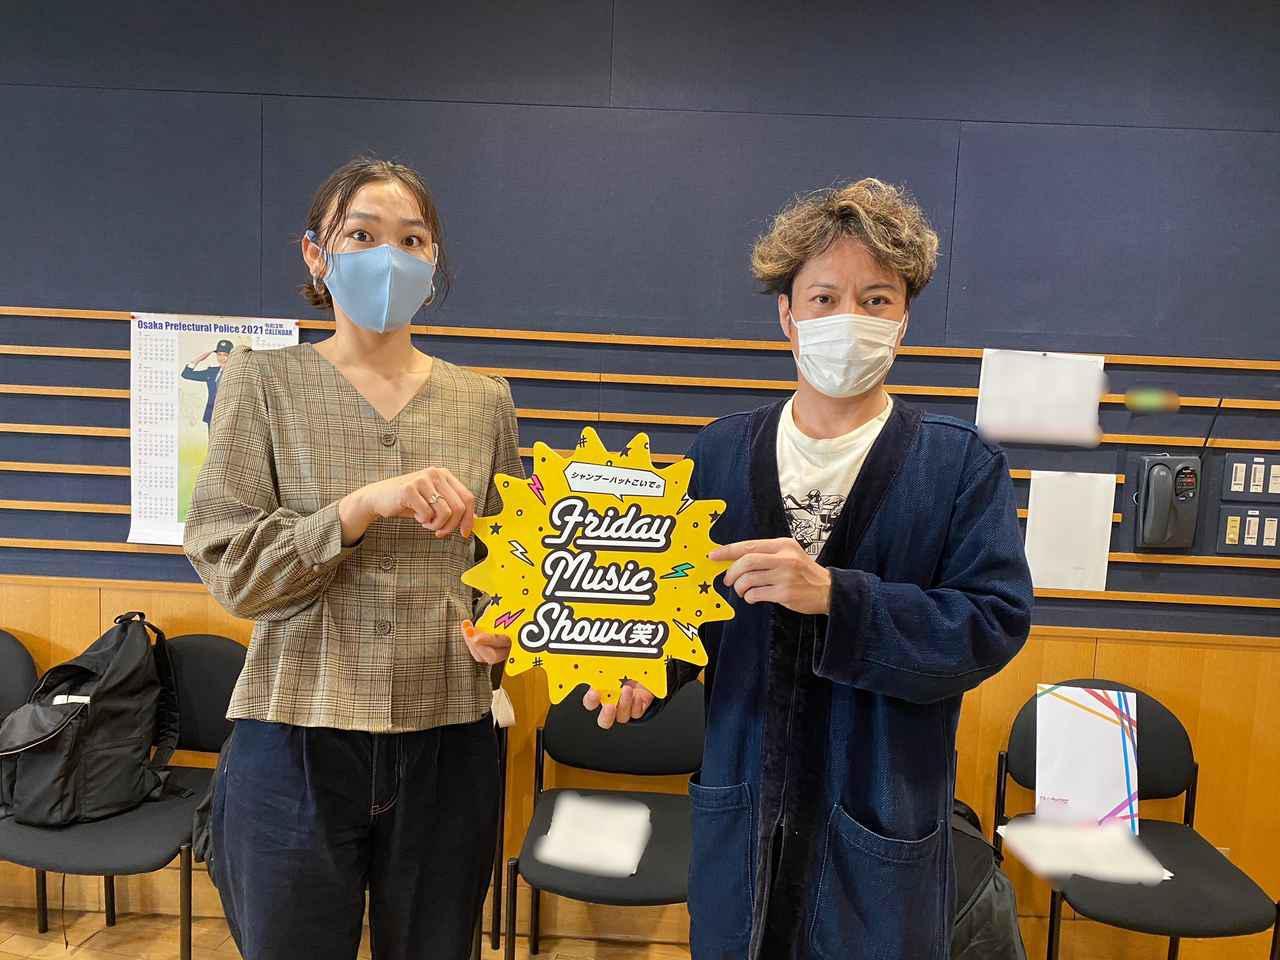 画像: 5月14日(金)シャンプーハットこいでのFriday Music Show(笑)